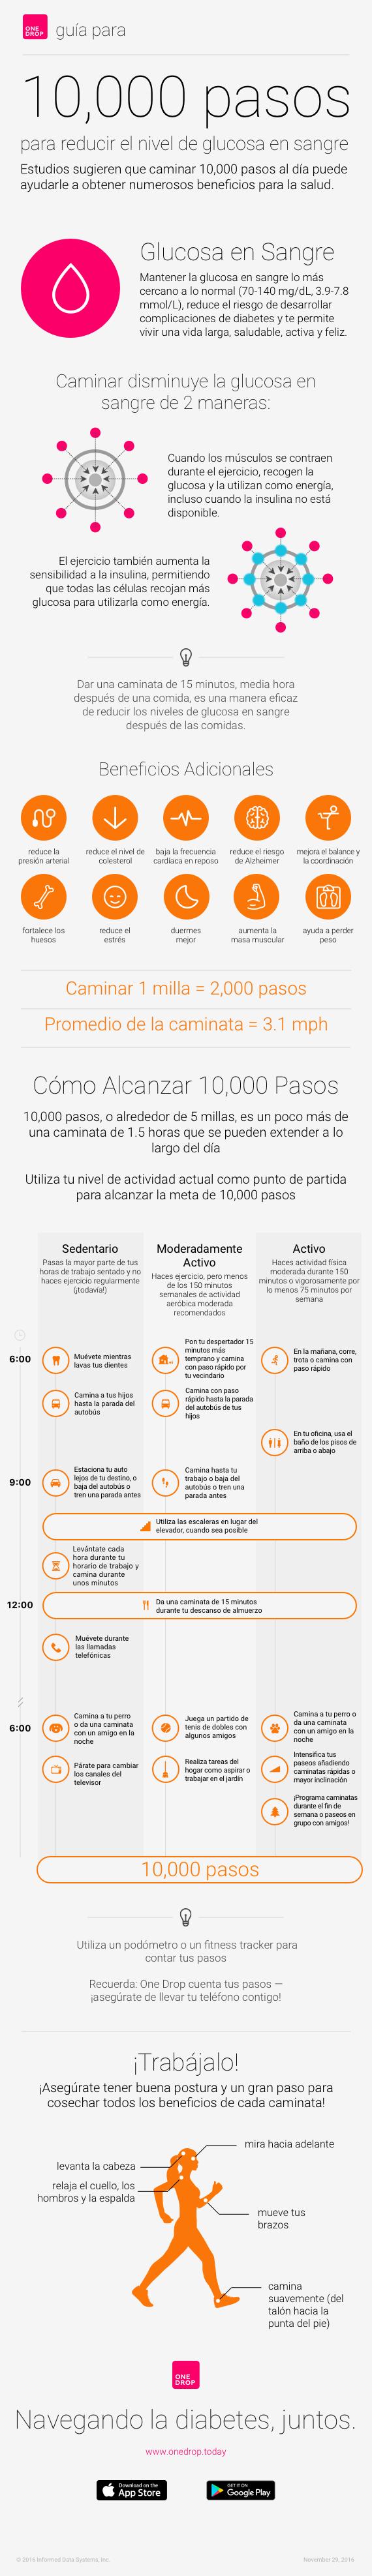 10,000-pasos